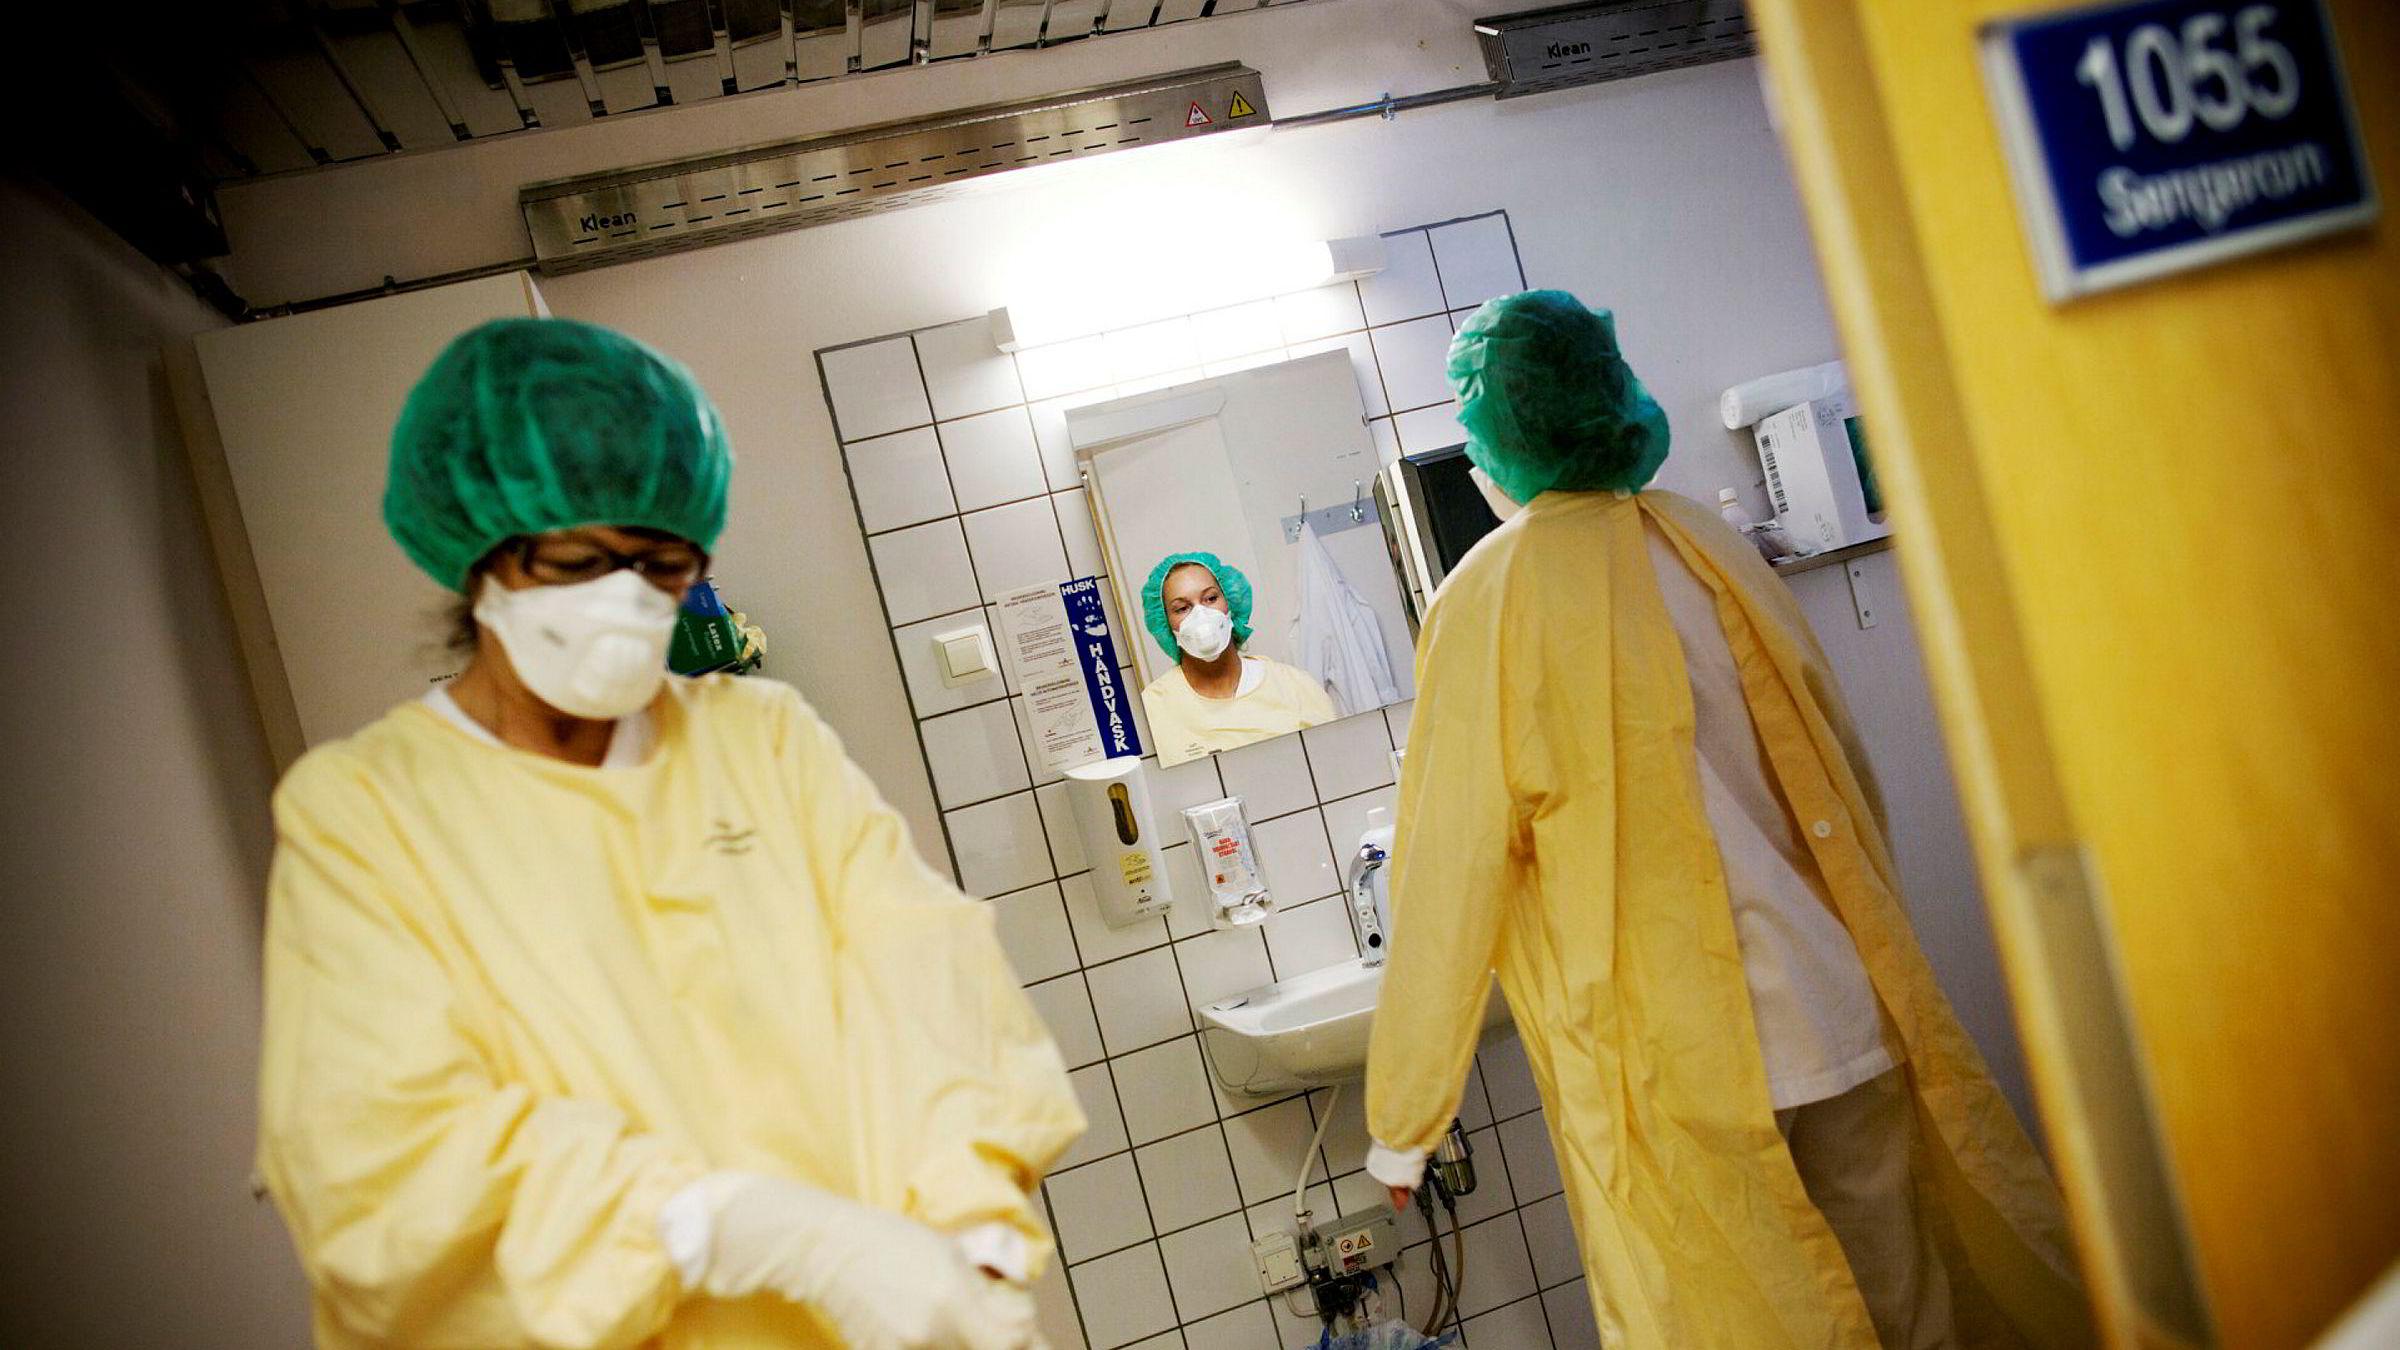 Lege Eyrund Kjetland og sykepleier Anette Schneider (ved speilet) på vei inn i et isolat på Ullevål sykehus.